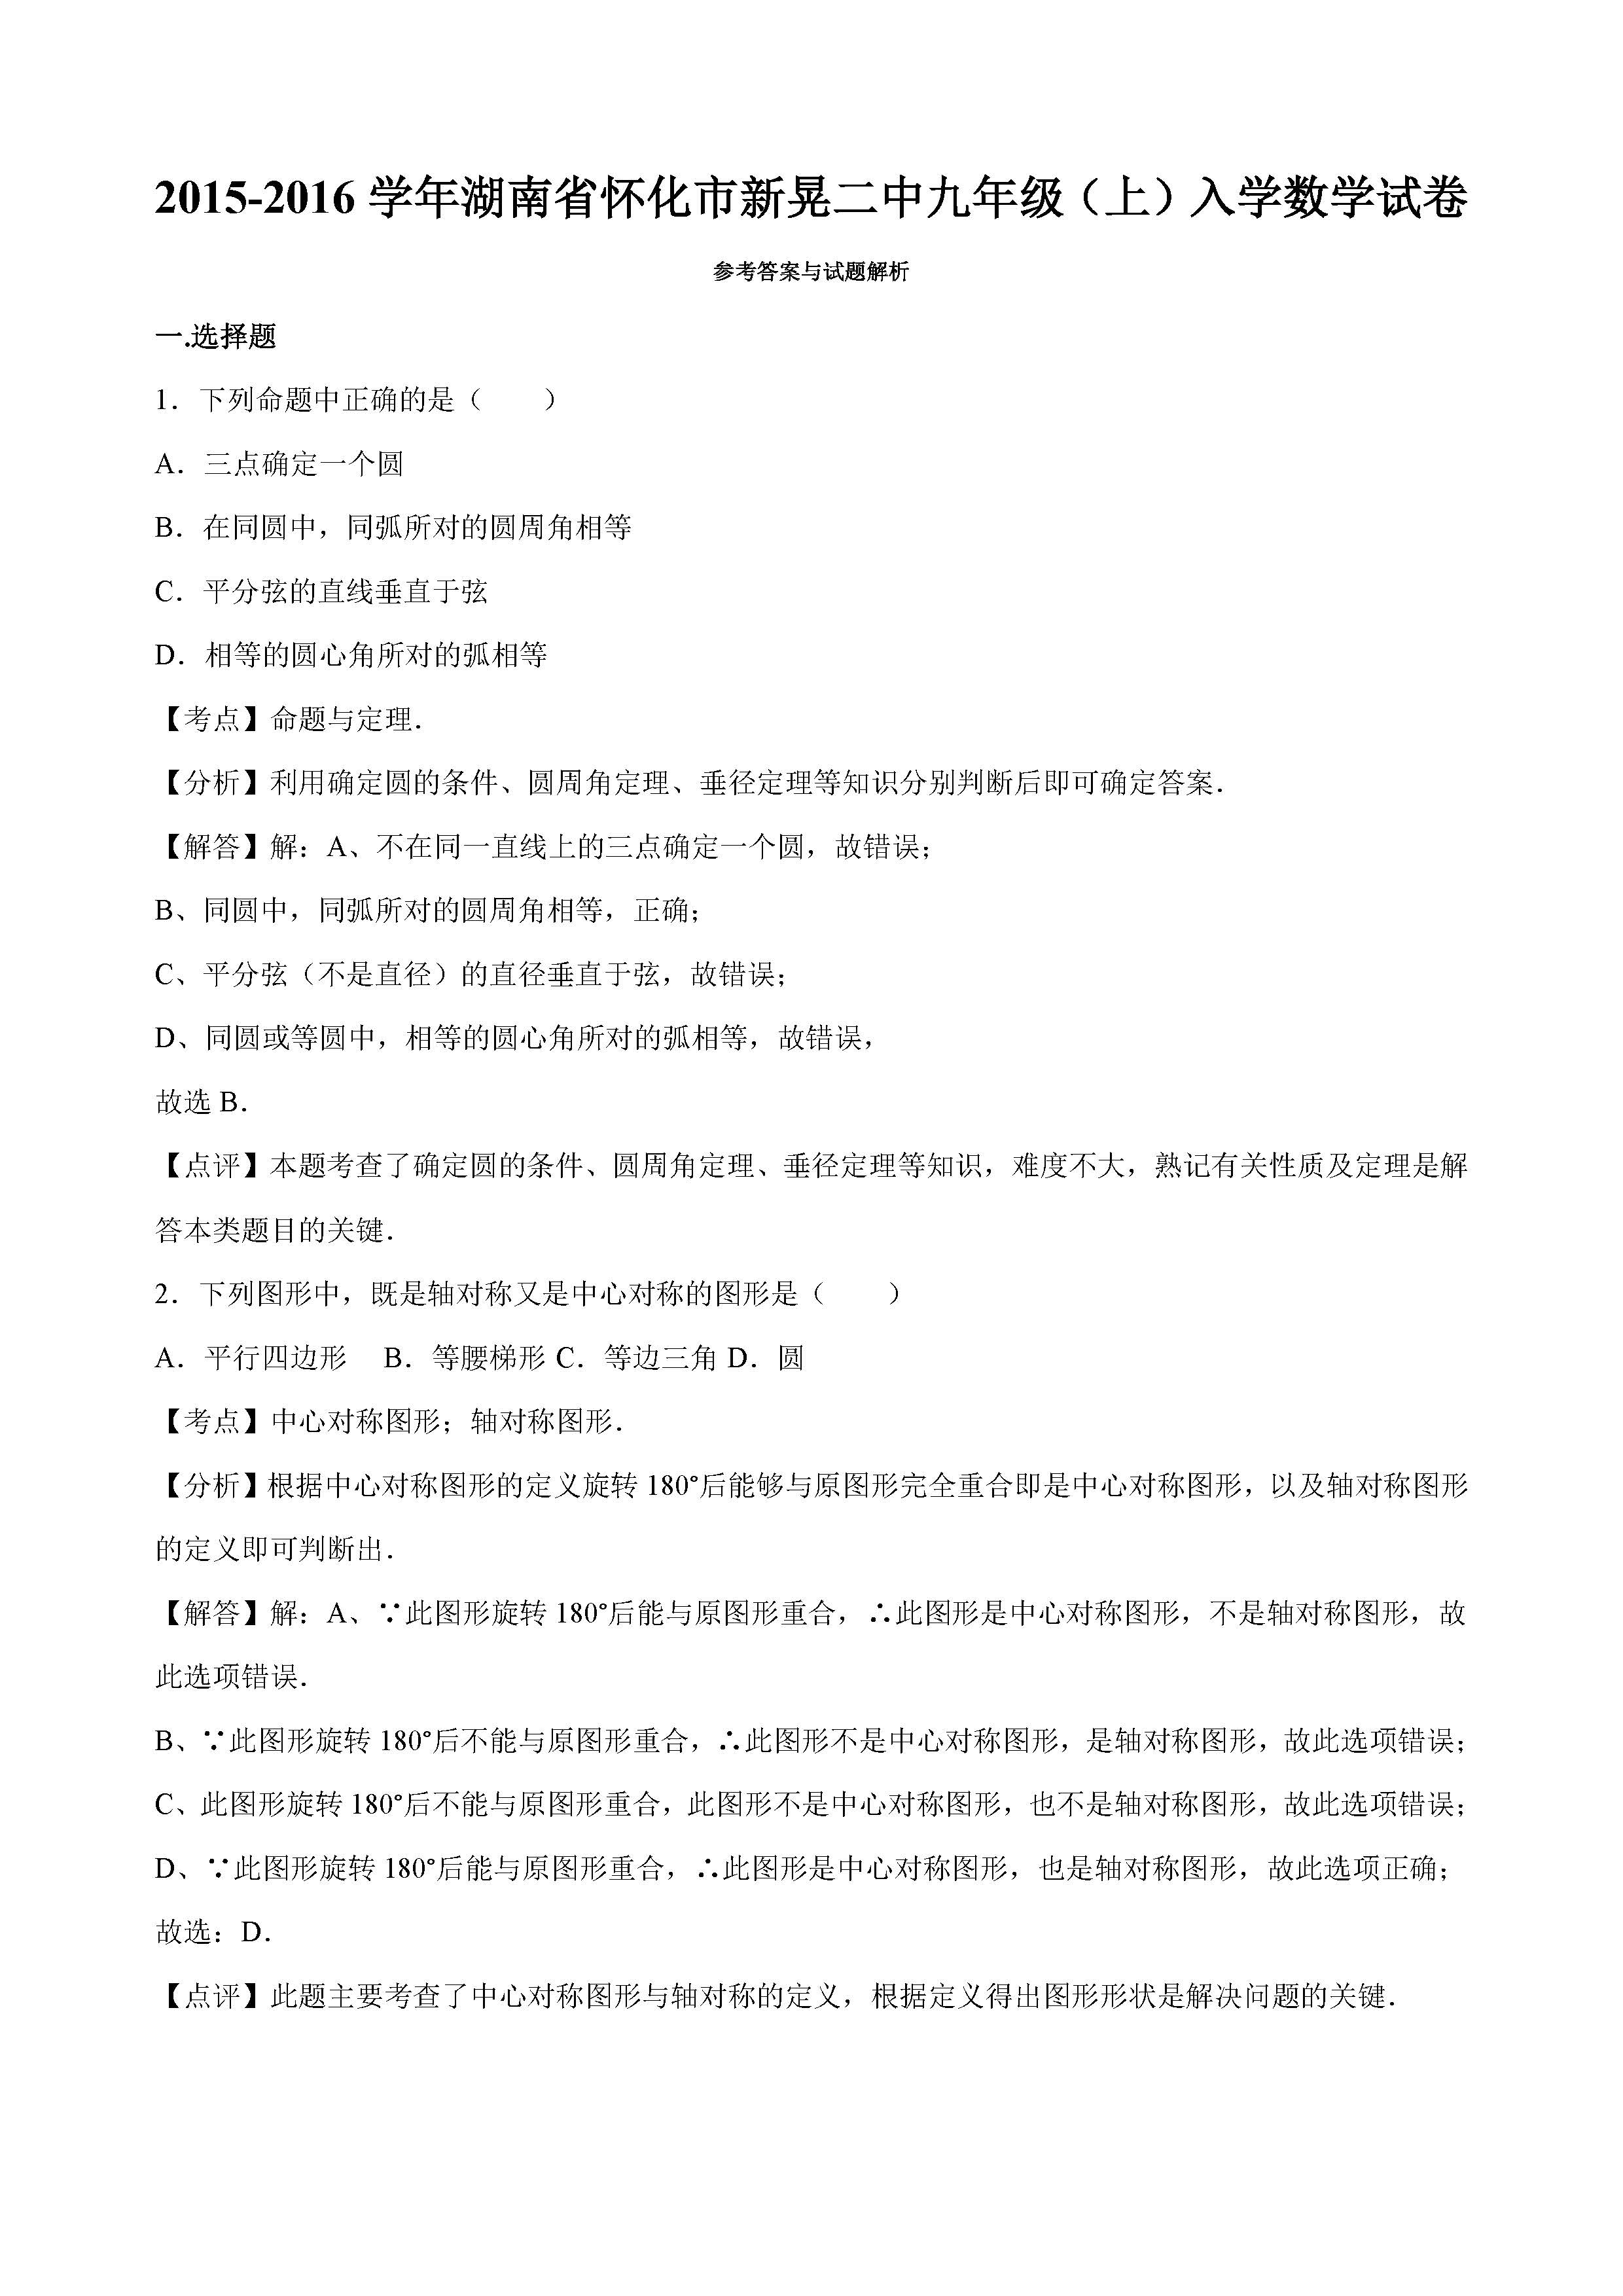 2016湖南怀化新晃二中初三第一次月考数学试题(含答案)